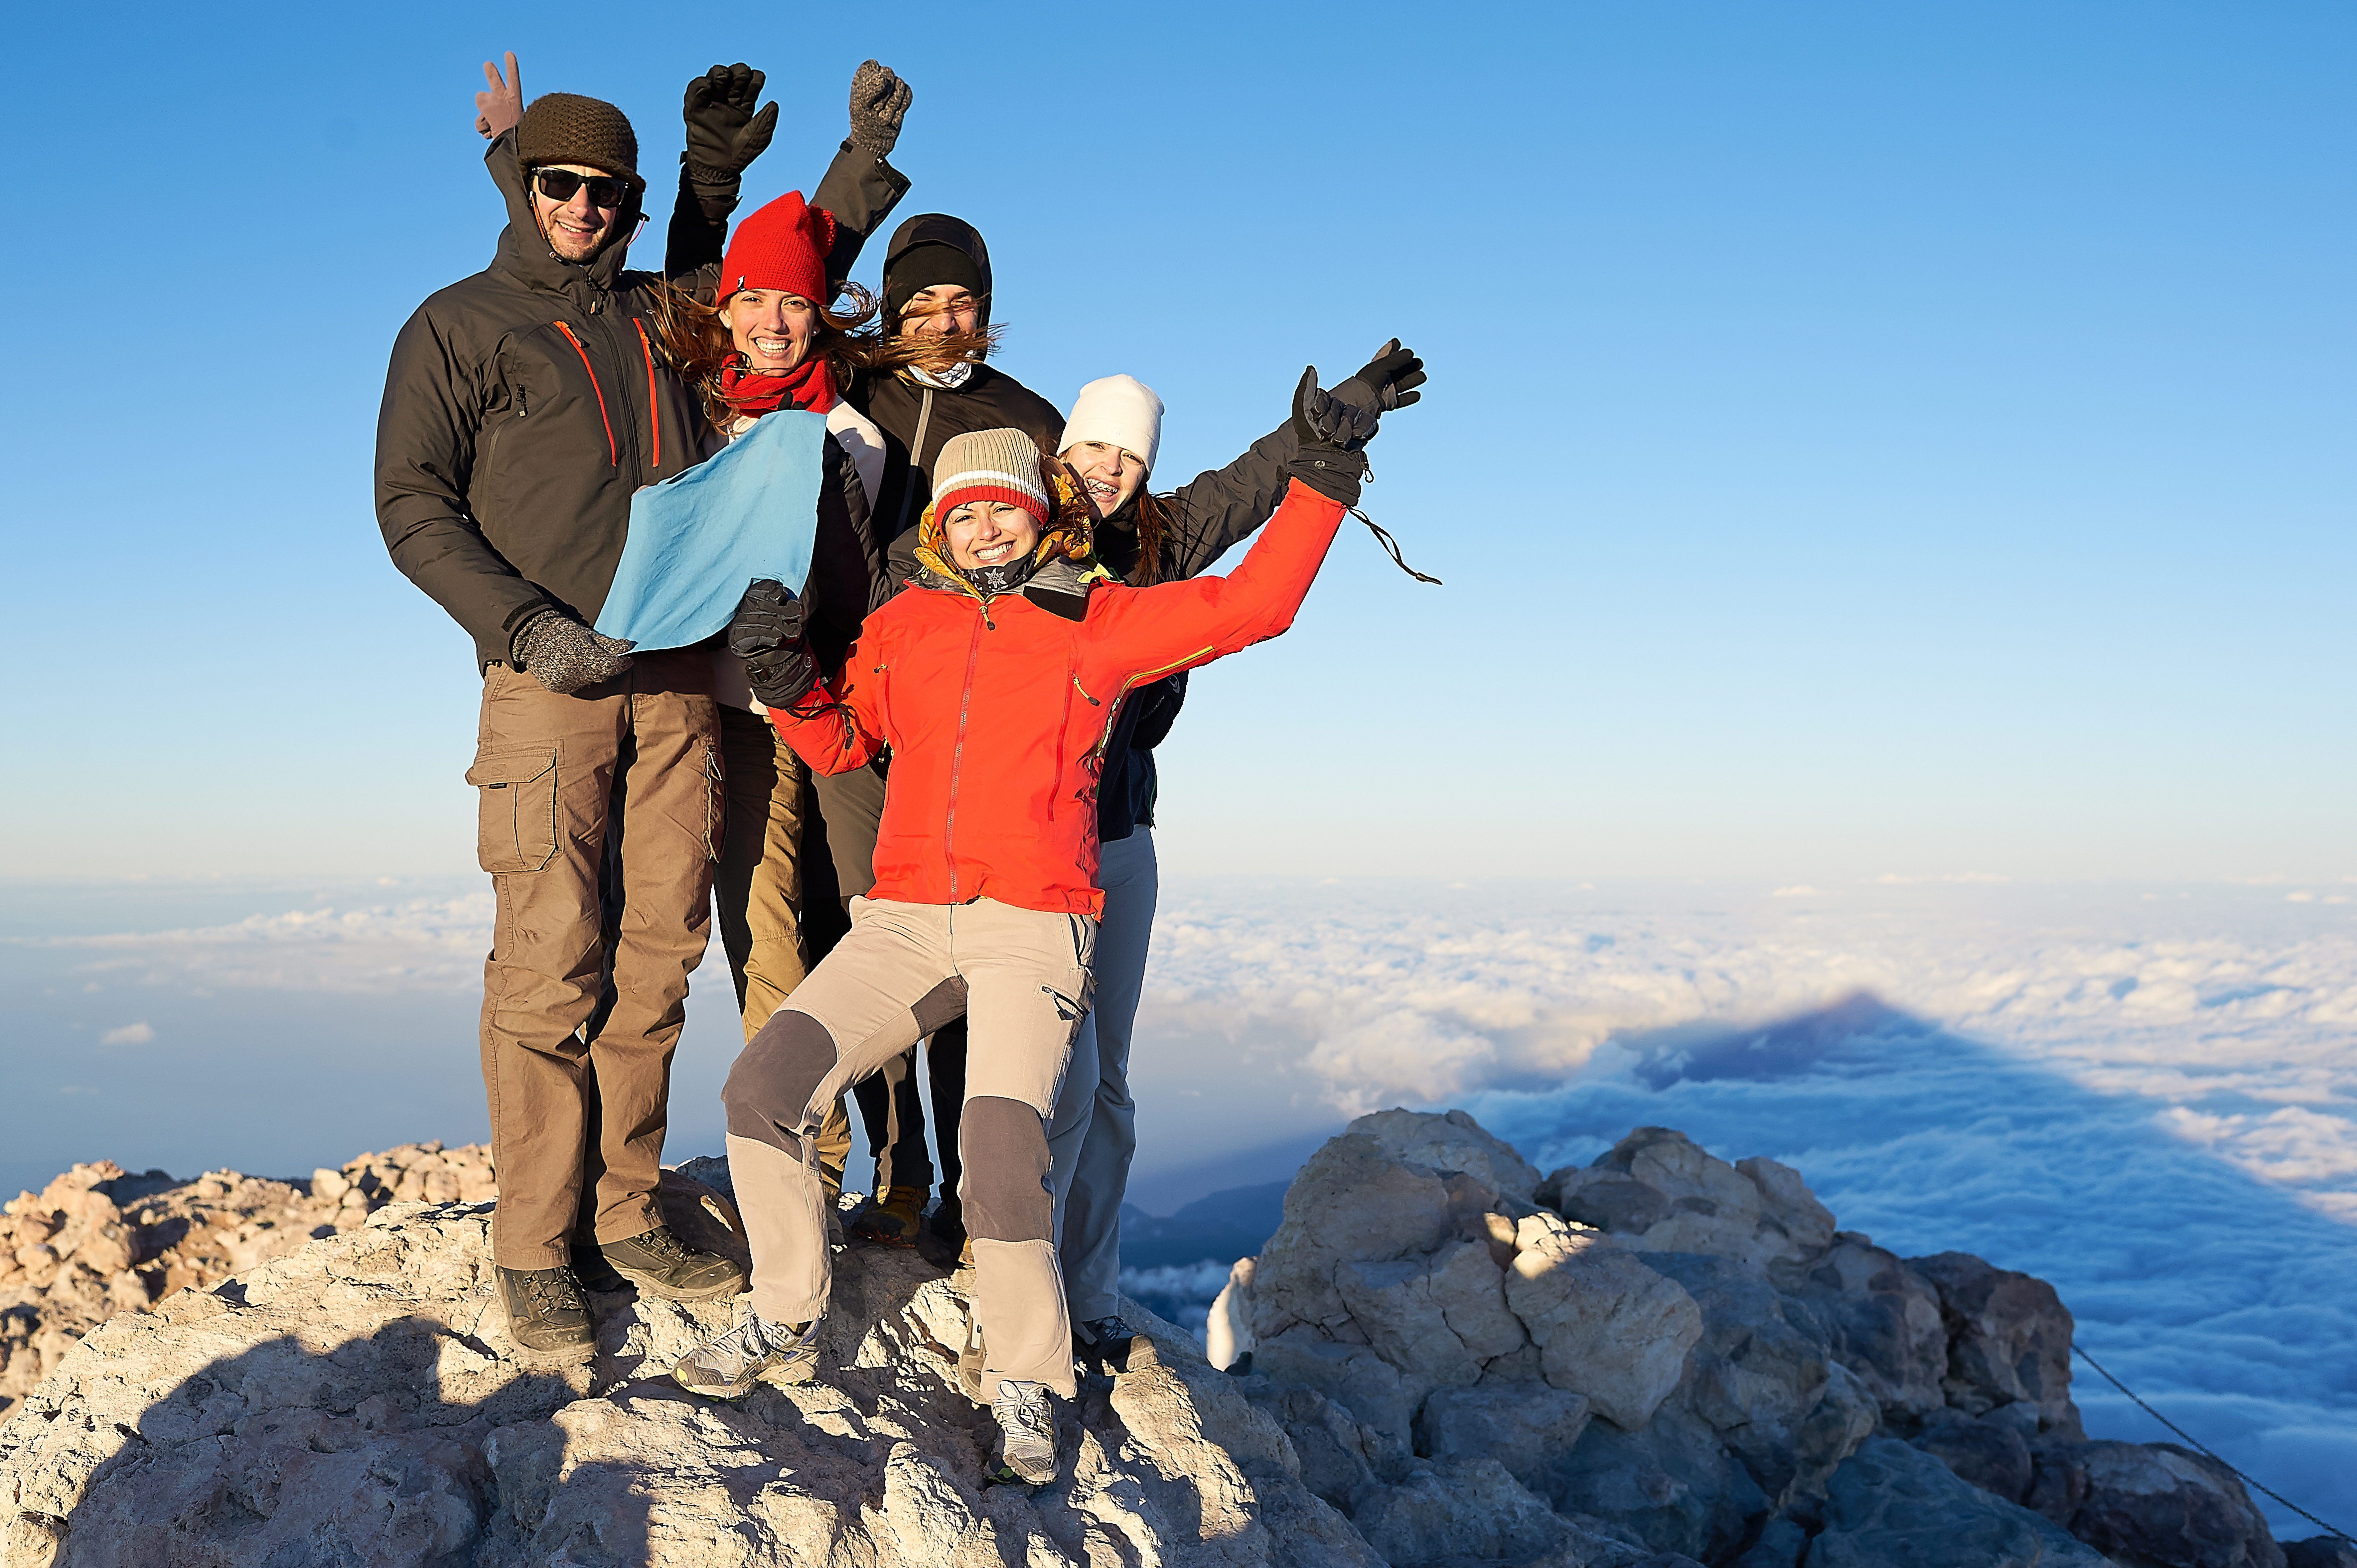 Führungen auf dem Teide - Aufstieg zum Gipfel des Teide mit der Seilbahn und Guide